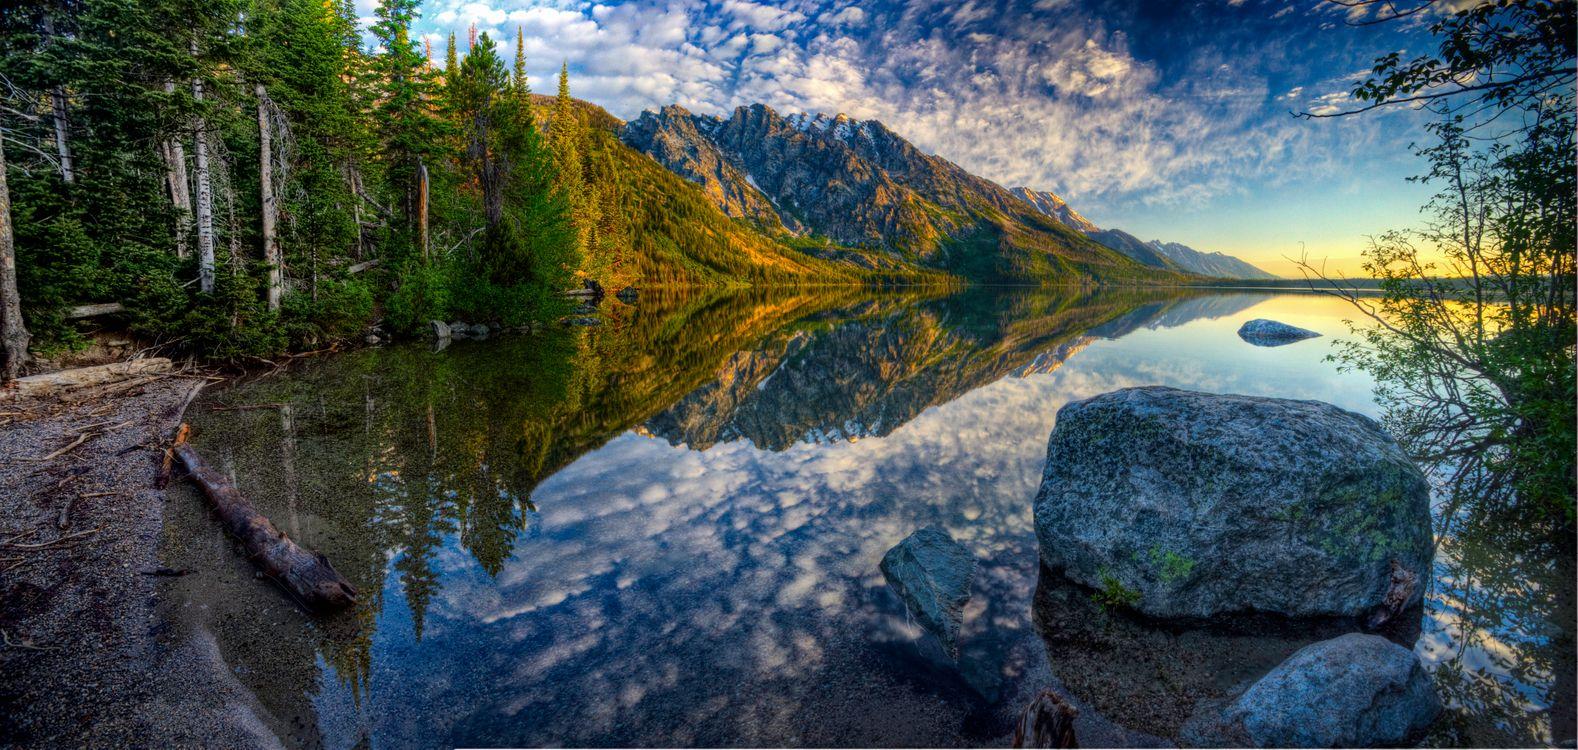 Фото бесплатно Jenny Lake, Grand Teton National Park, горы, озеро, деревья, отражение, закат, пейзаж, пейзажи